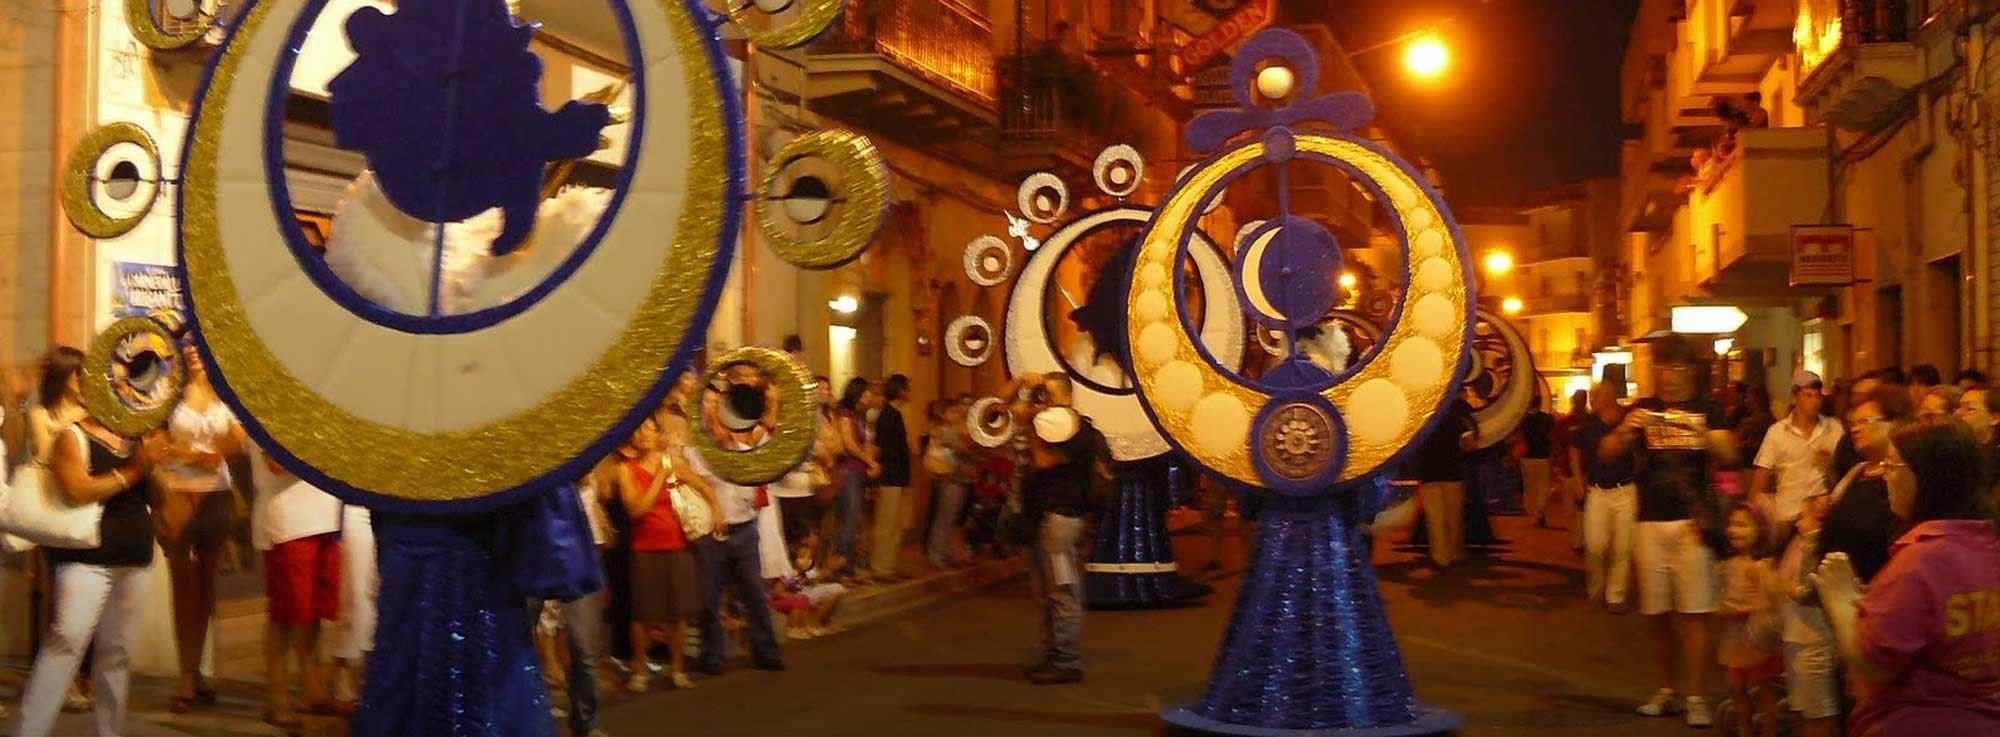 Crispiano: Carnevale estivo